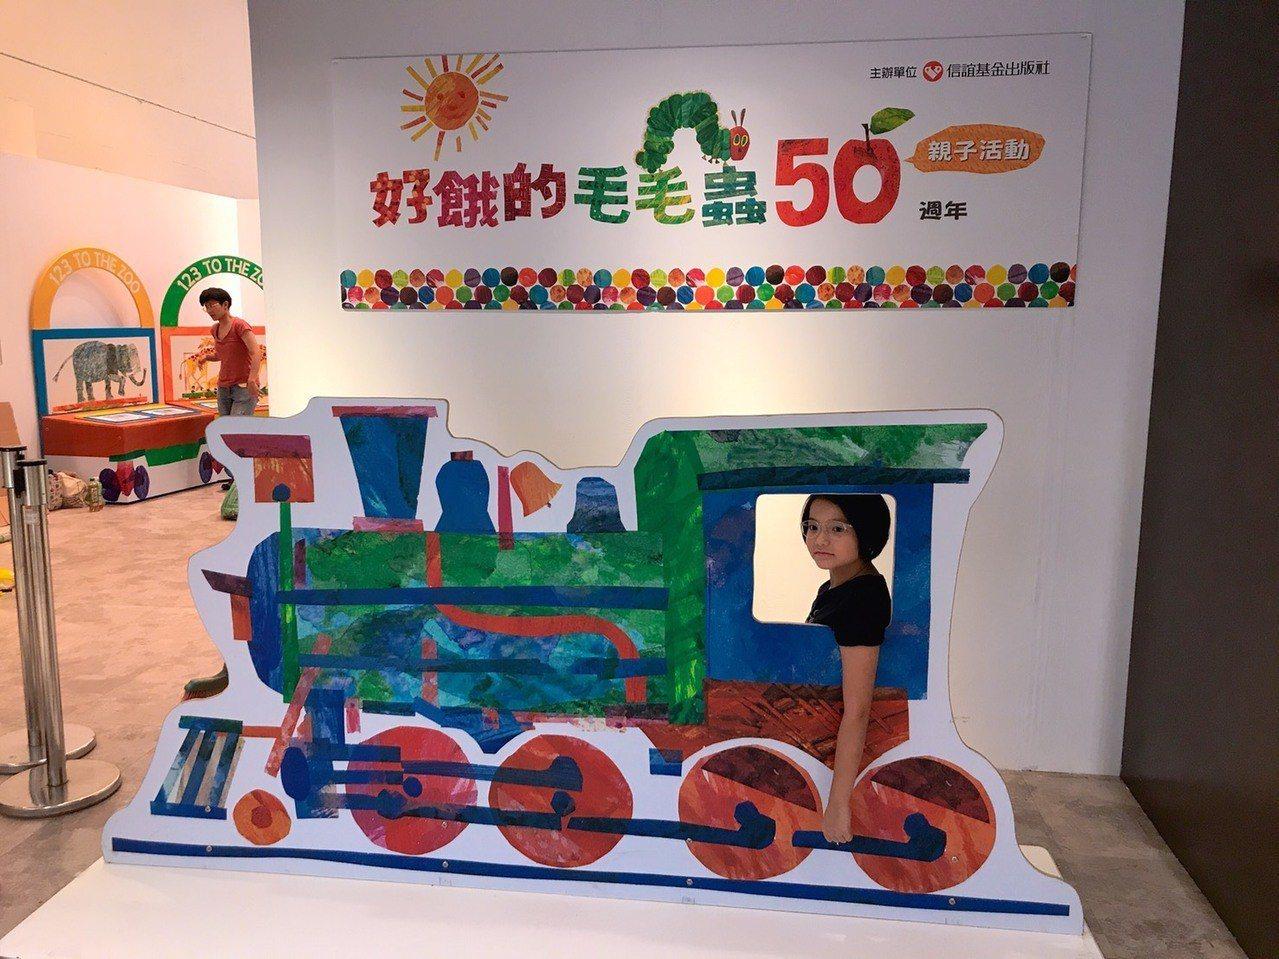 搭著小火車,參加好餓毛毛蟲50年生日Party。圖/信誼基金會提供